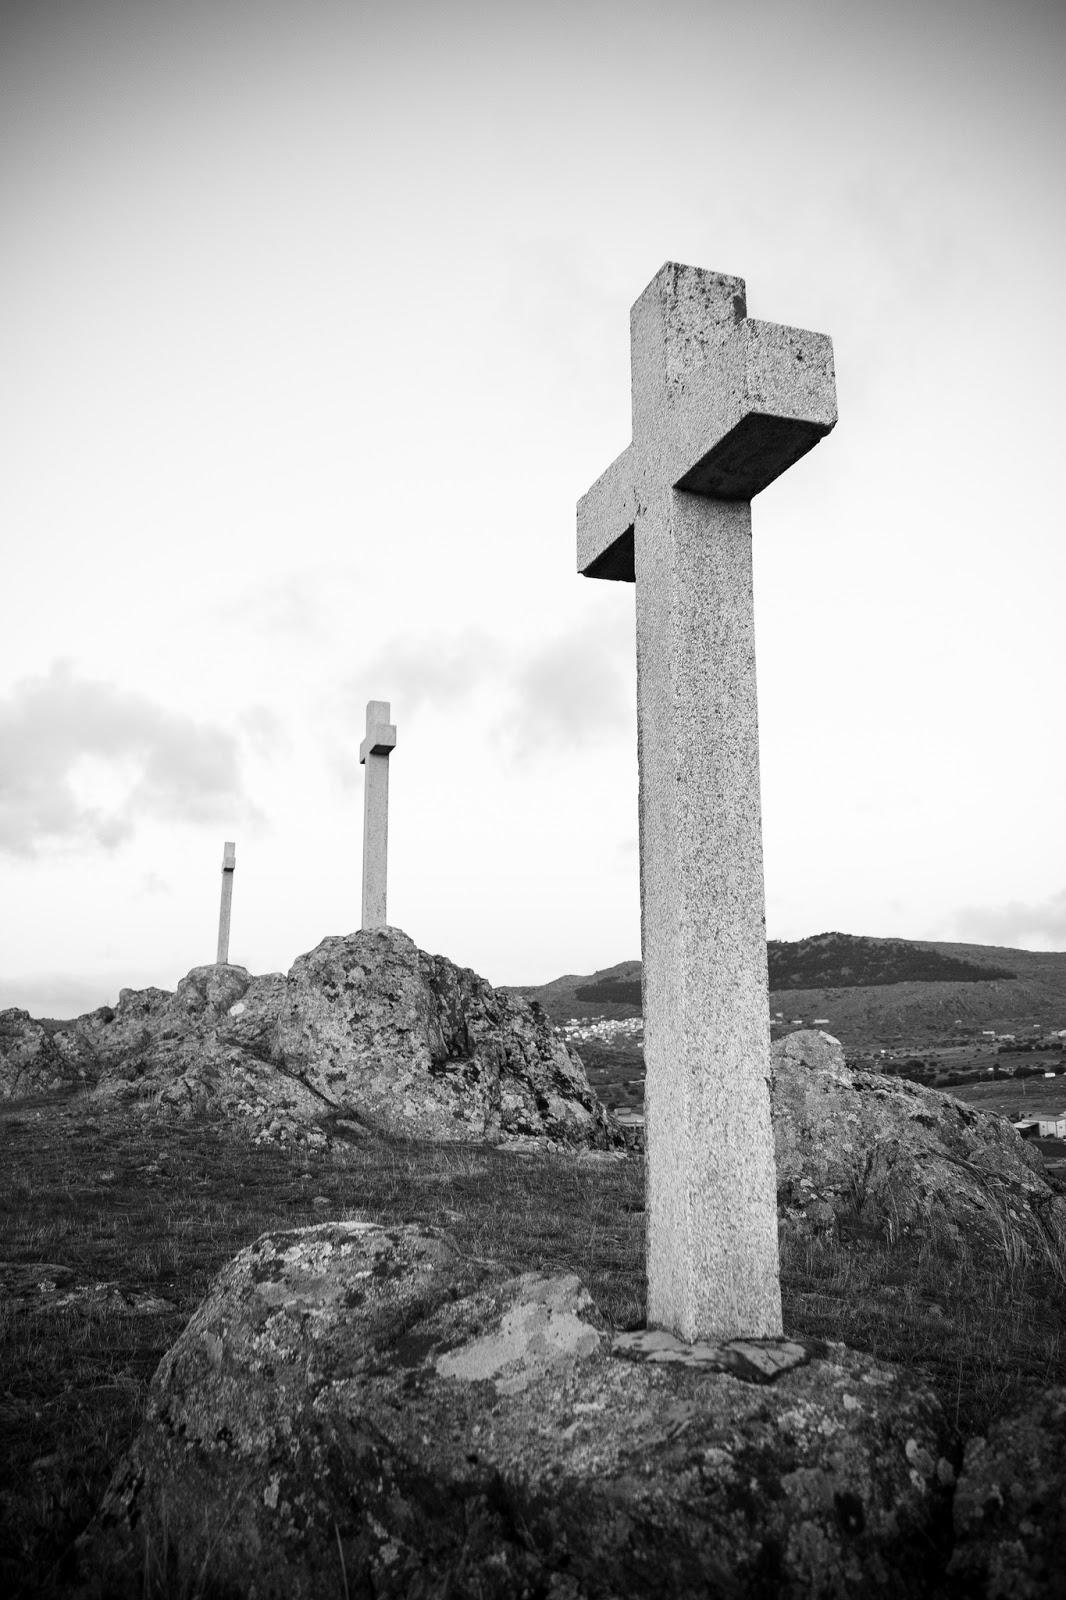 Tres Cruzes, El Barraco, Avila 2013